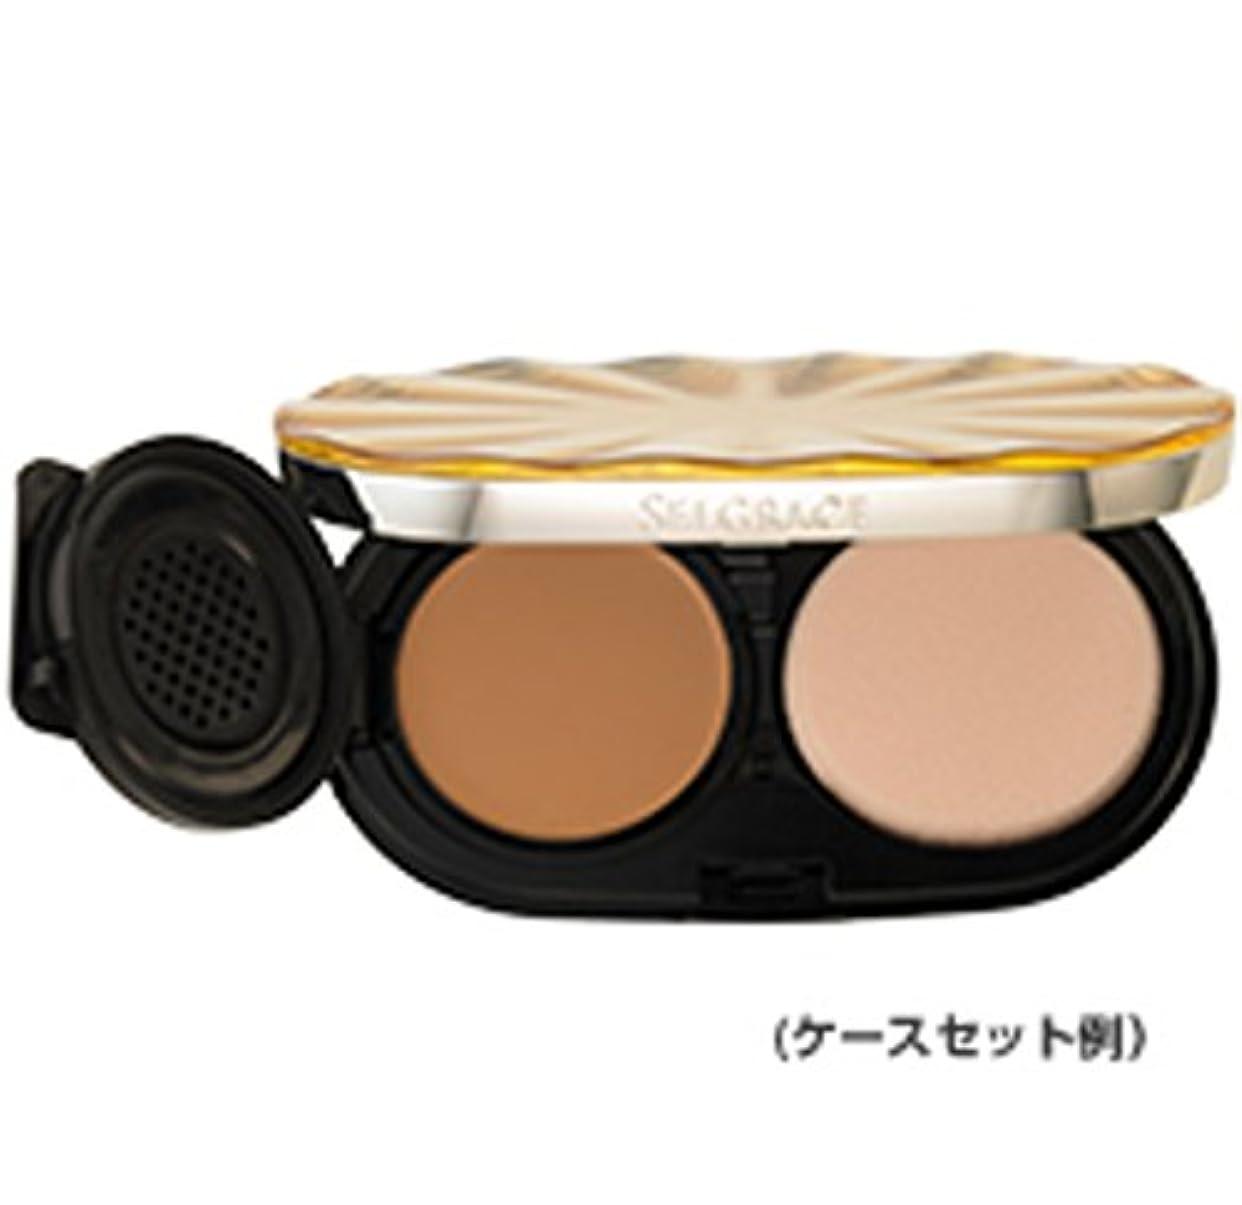 薬用普遍的なウミウシナリス化粧品 セルグレース ベースインパクト ファンデーション 130 ライトピンクベージュ レフィル (スポンジ付き)